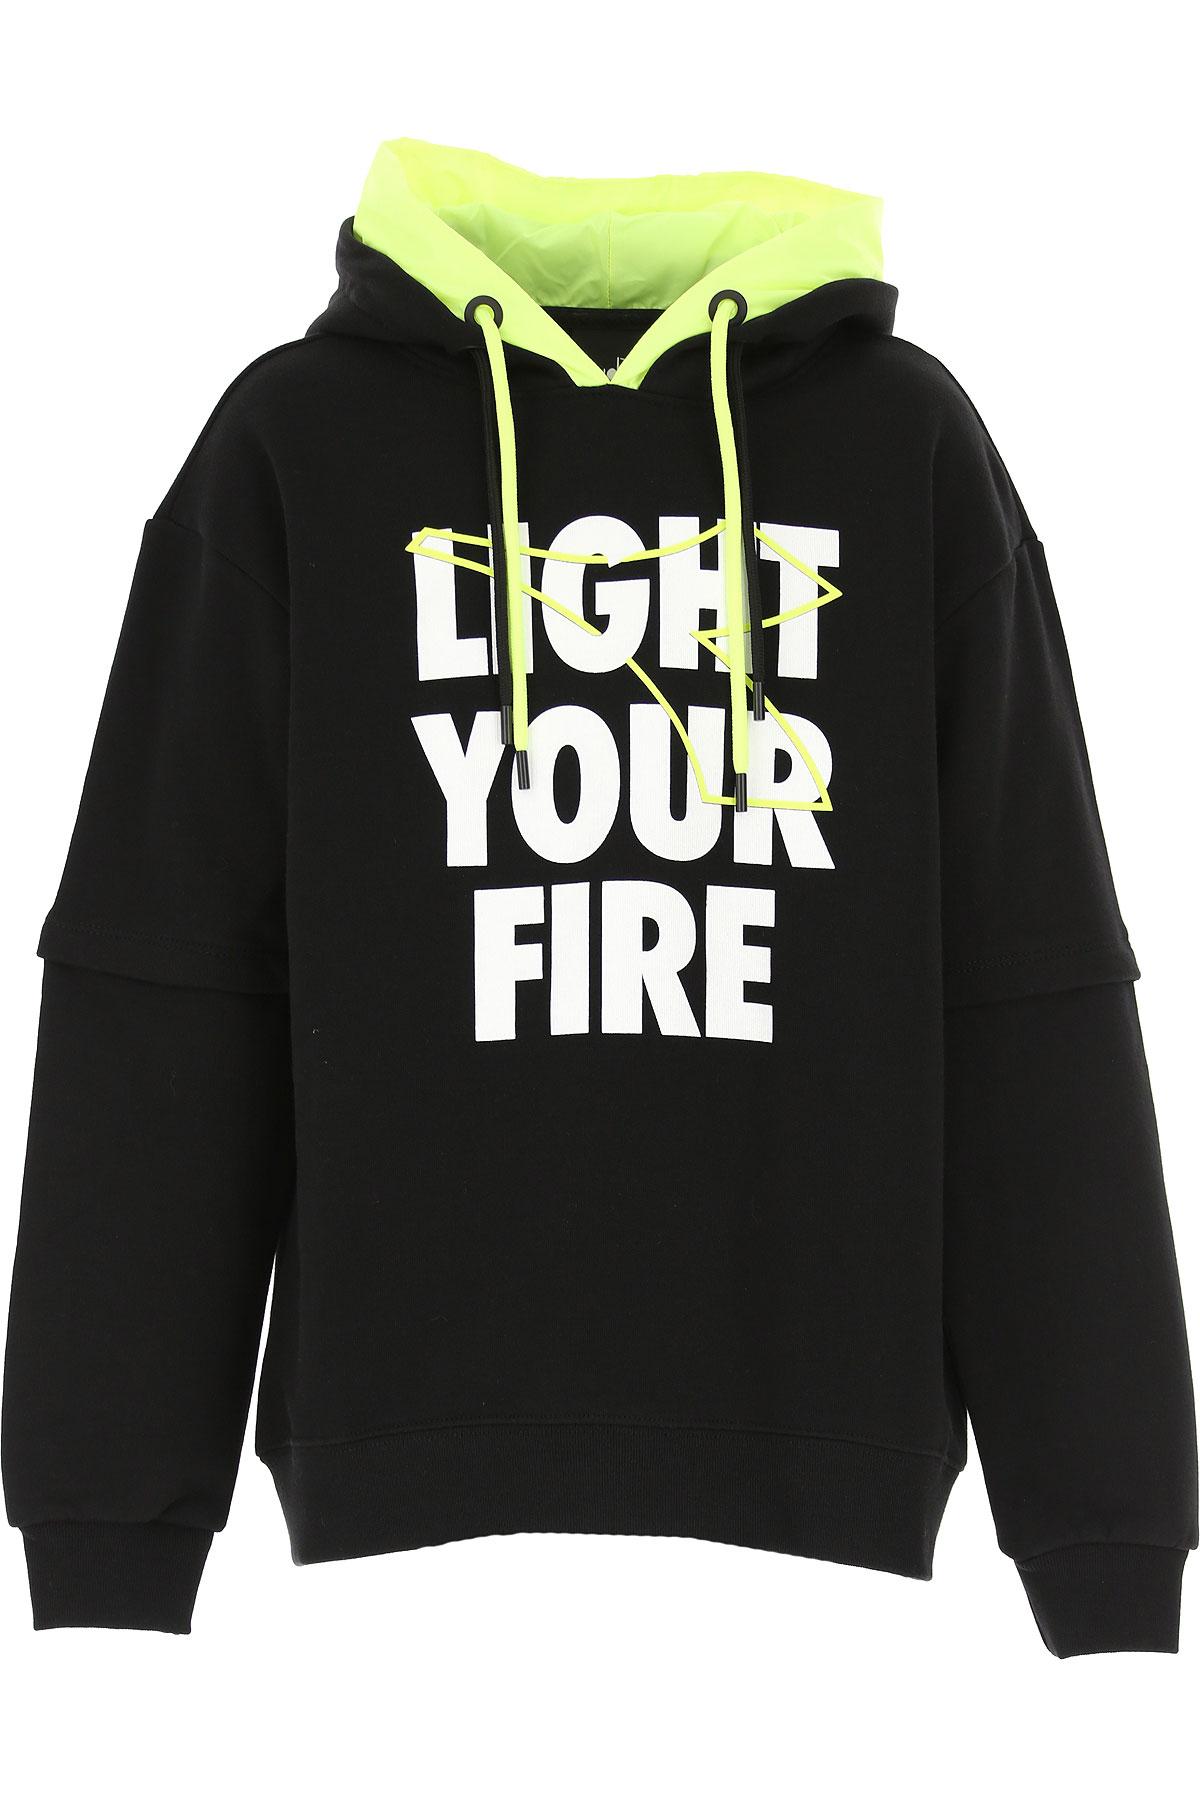 Diadora Kids Sweatshirts & Hoodies for Boys On Sale, Black, Cotton, 2019, 10Y 12Y 14Y